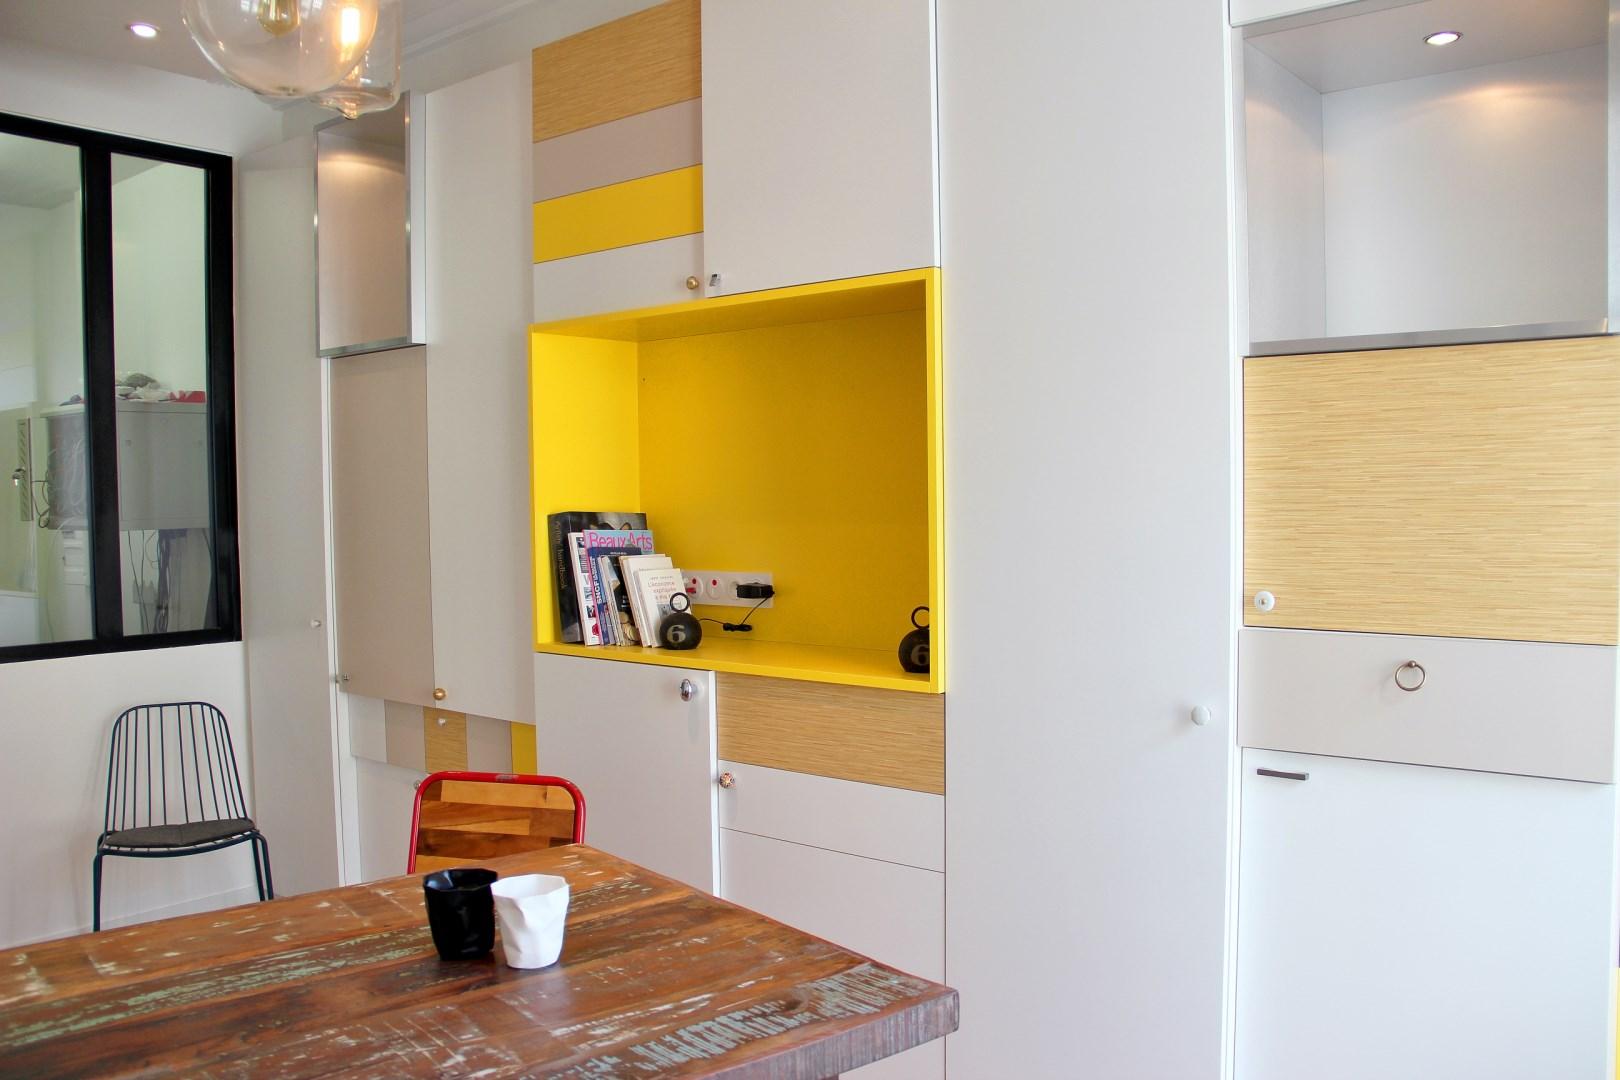 Bureaux atypiques pour missions publiques sentier paris for Meuble bureau jaune